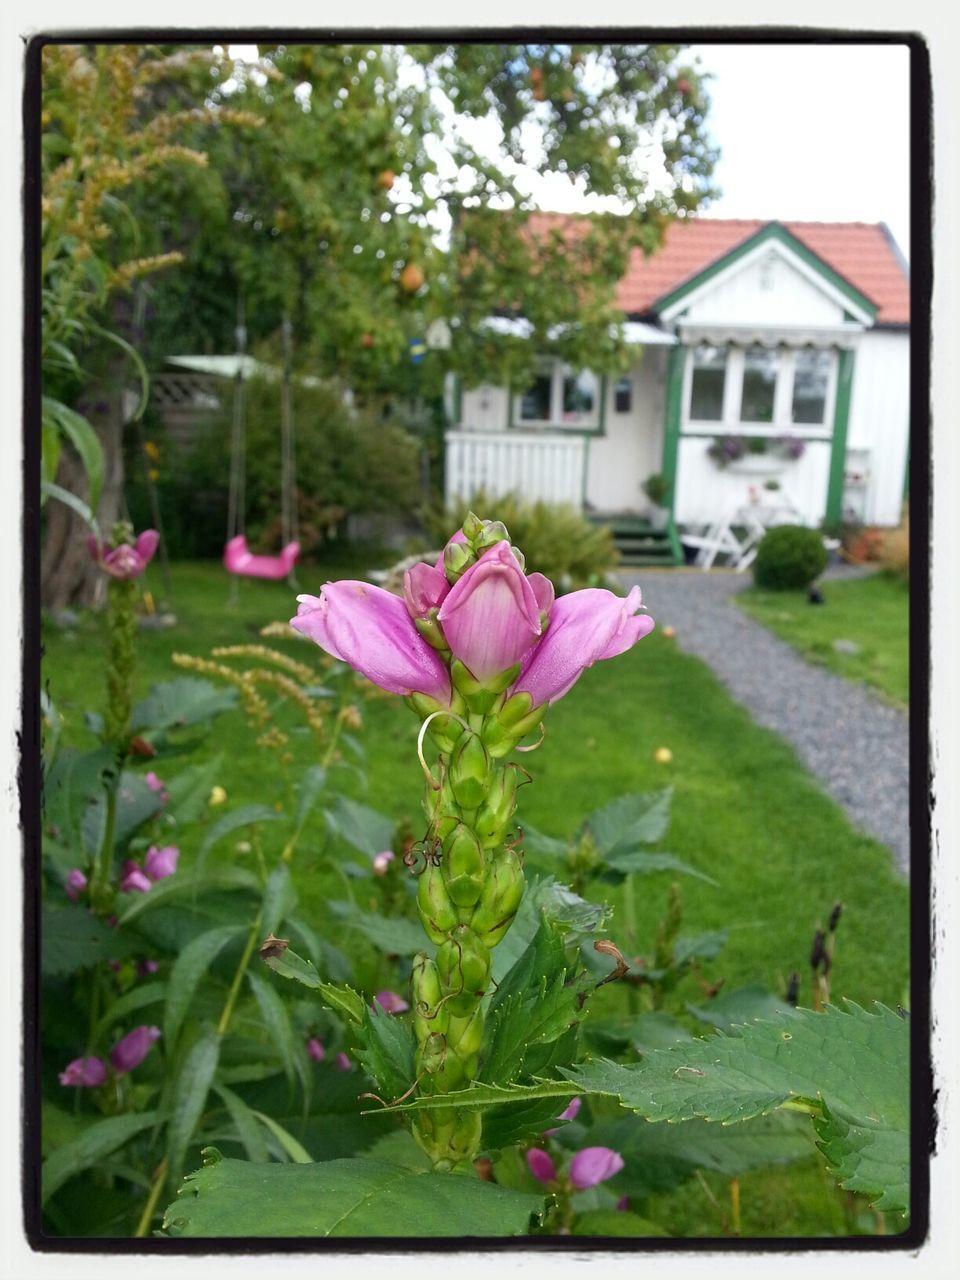 Pink Flower Buds In Backyard